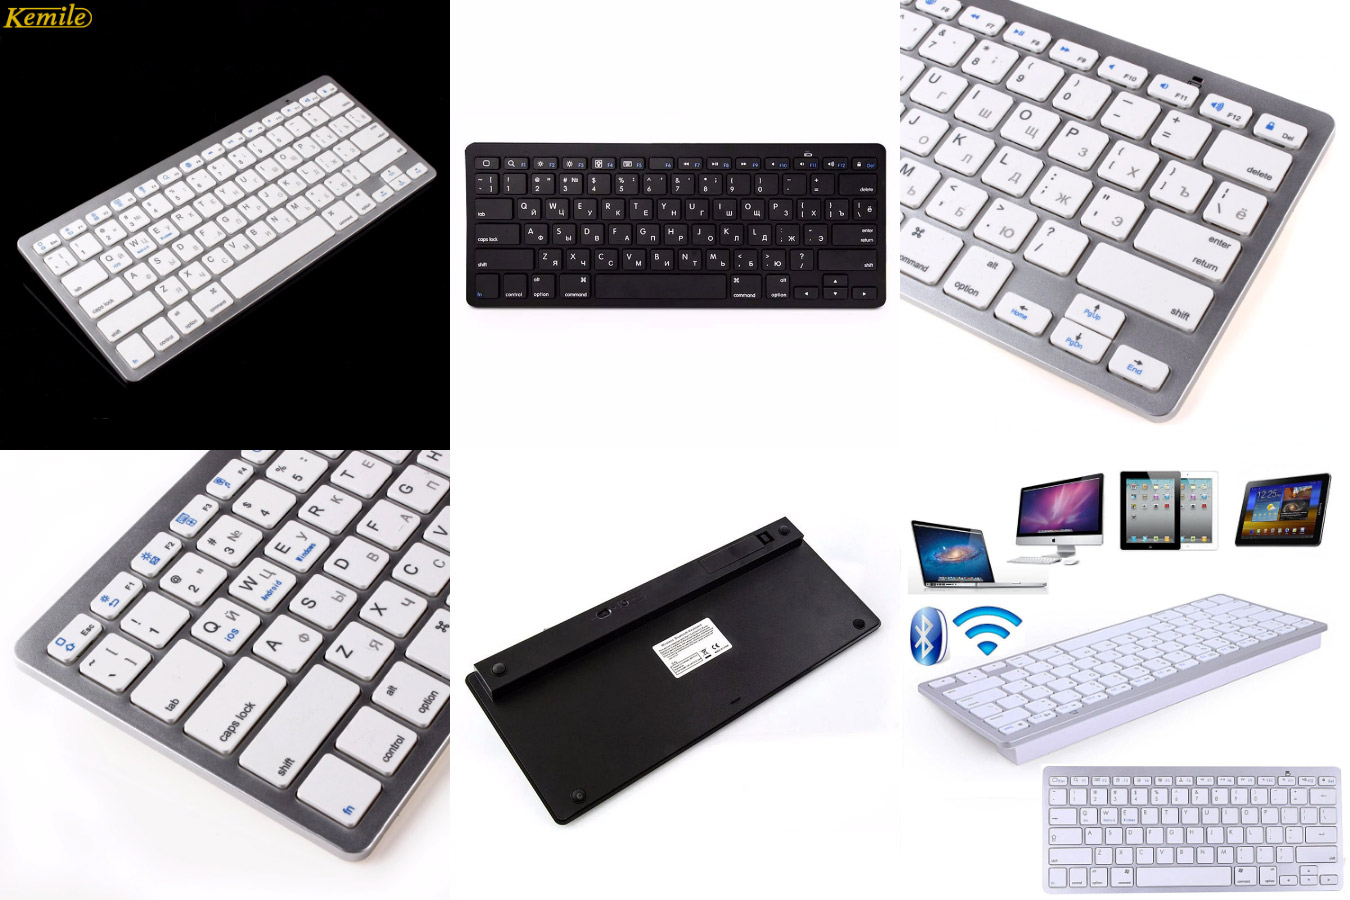 Тонкая клавиатура для смартфонов Kemile X5R